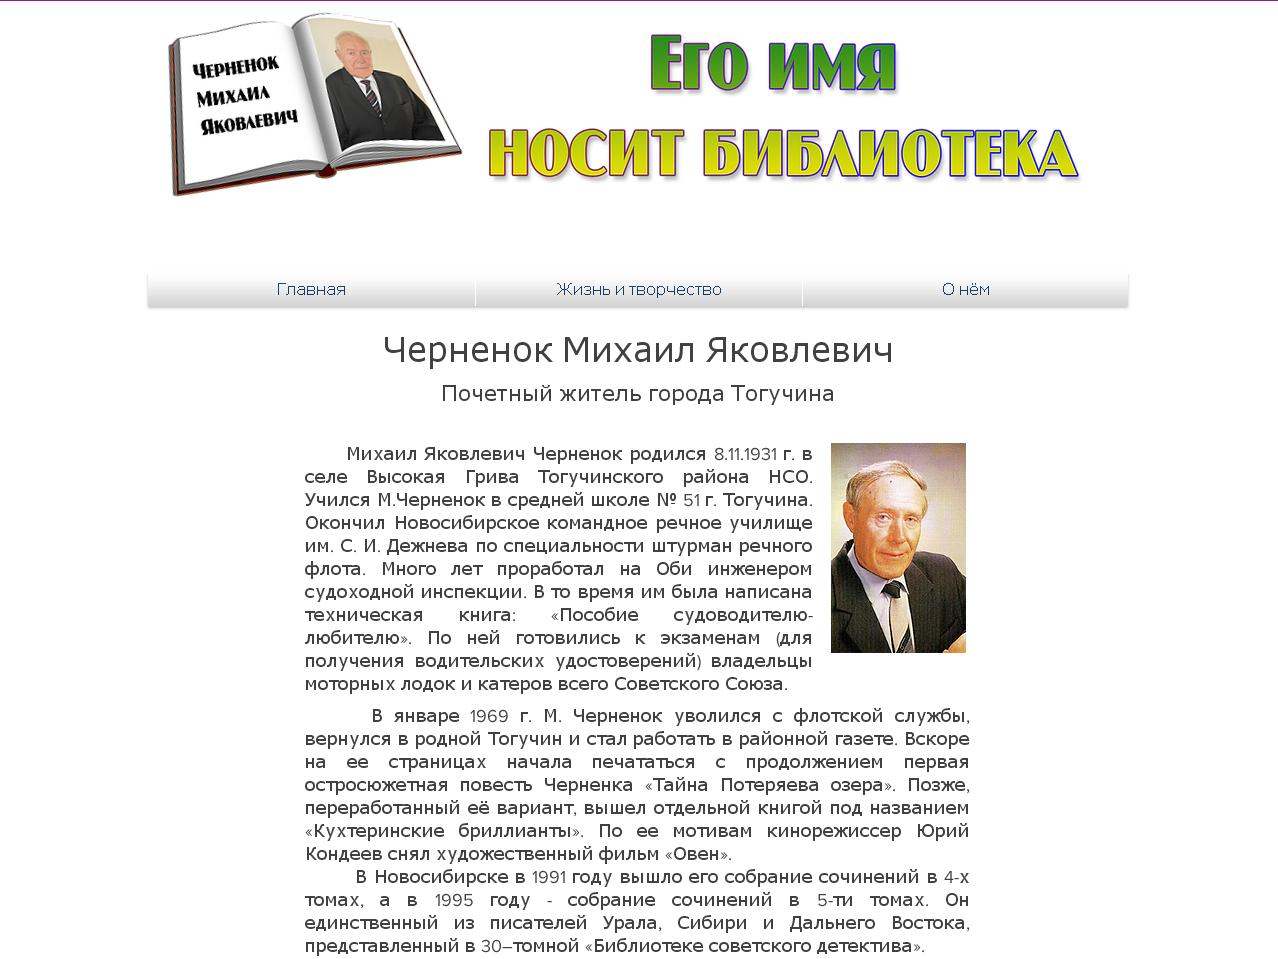 Виртуальная выставка о М.Я.Черненке